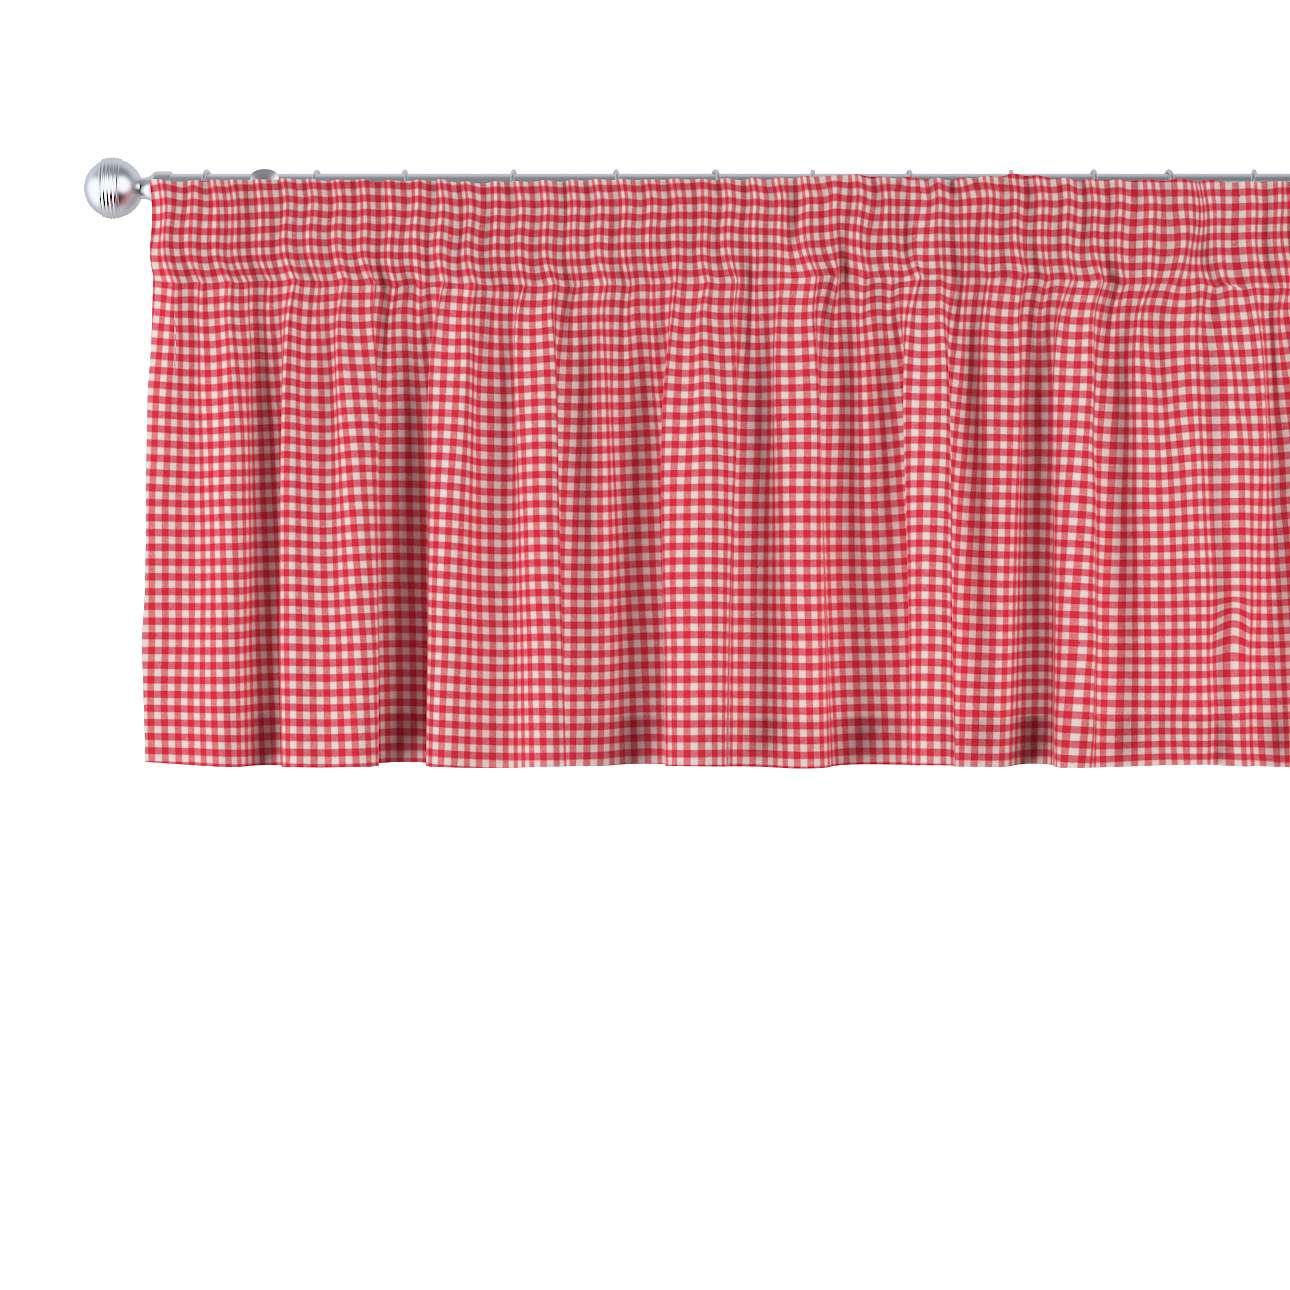 Lambrekin na taśmie marszczącej 130 x 40 cm w kolekcji Quadro, tkanina: 136-15